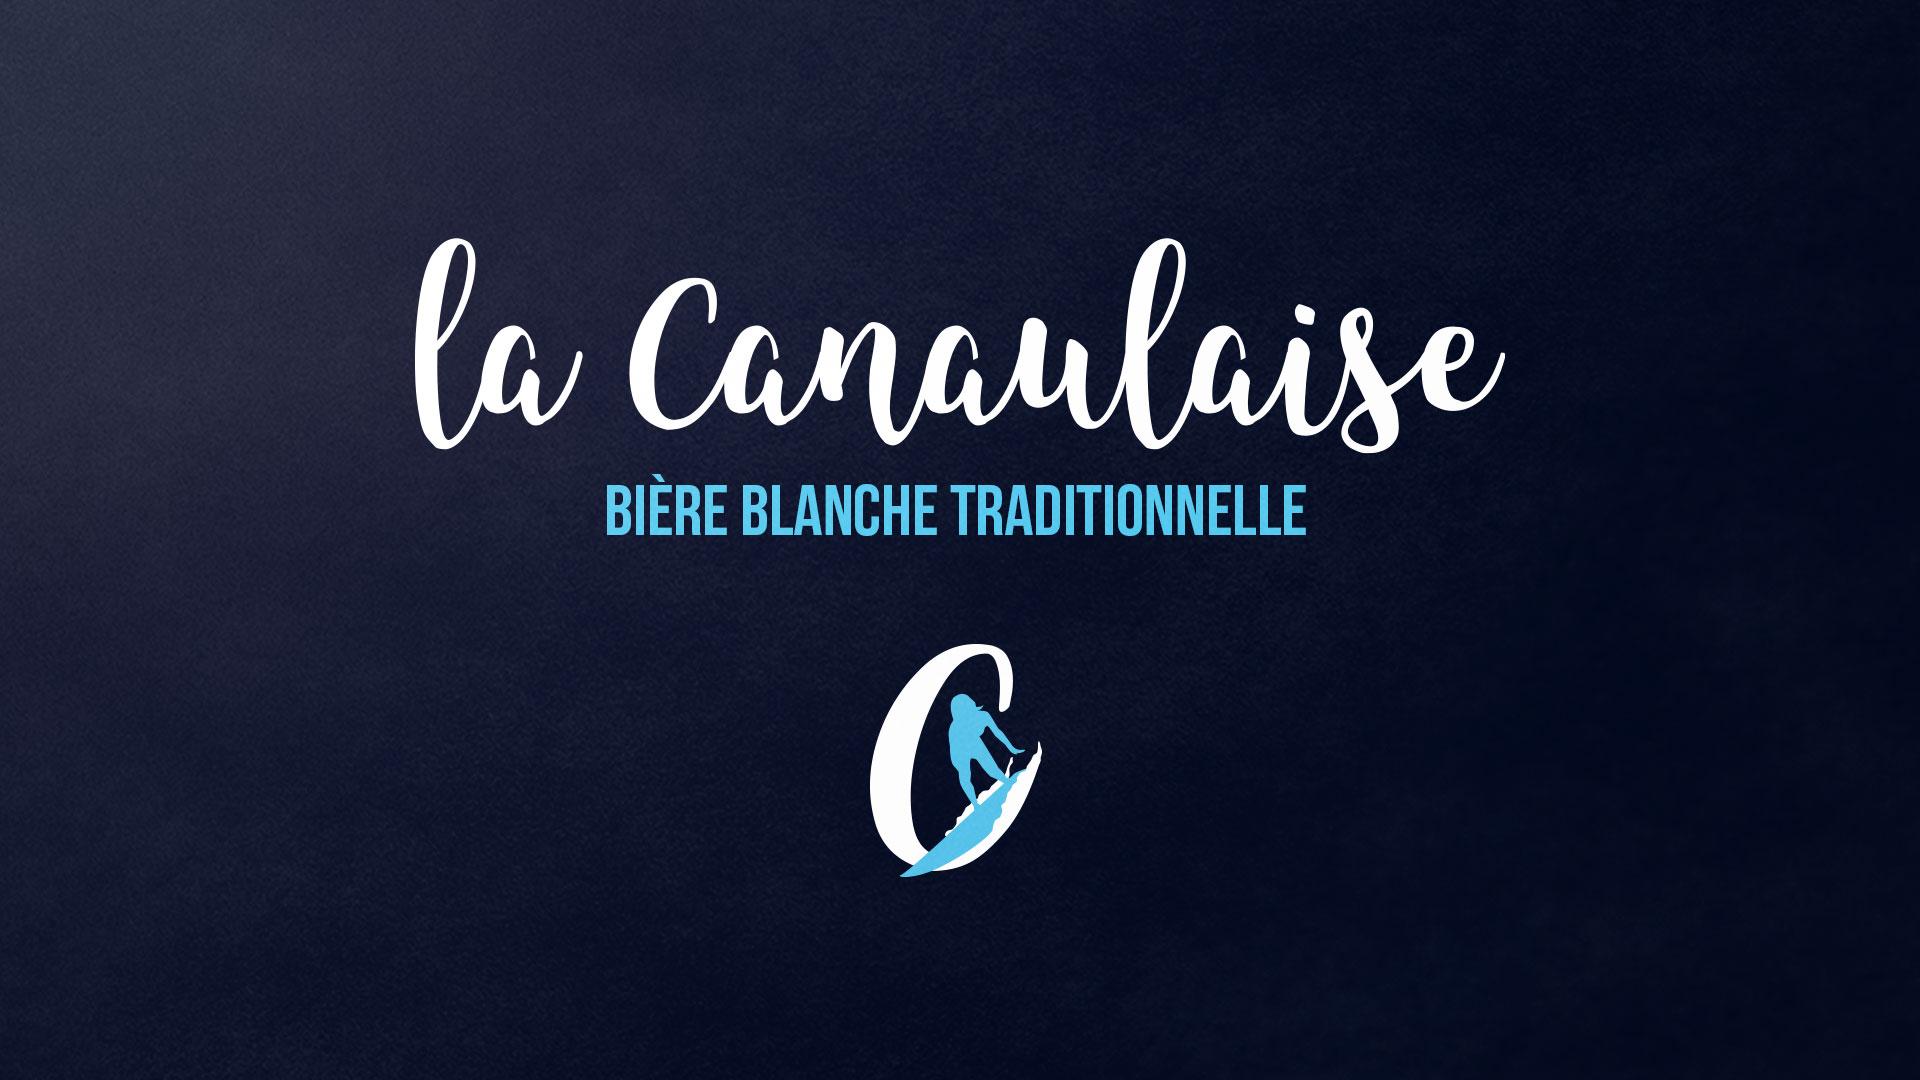 Bières La Canaulaise